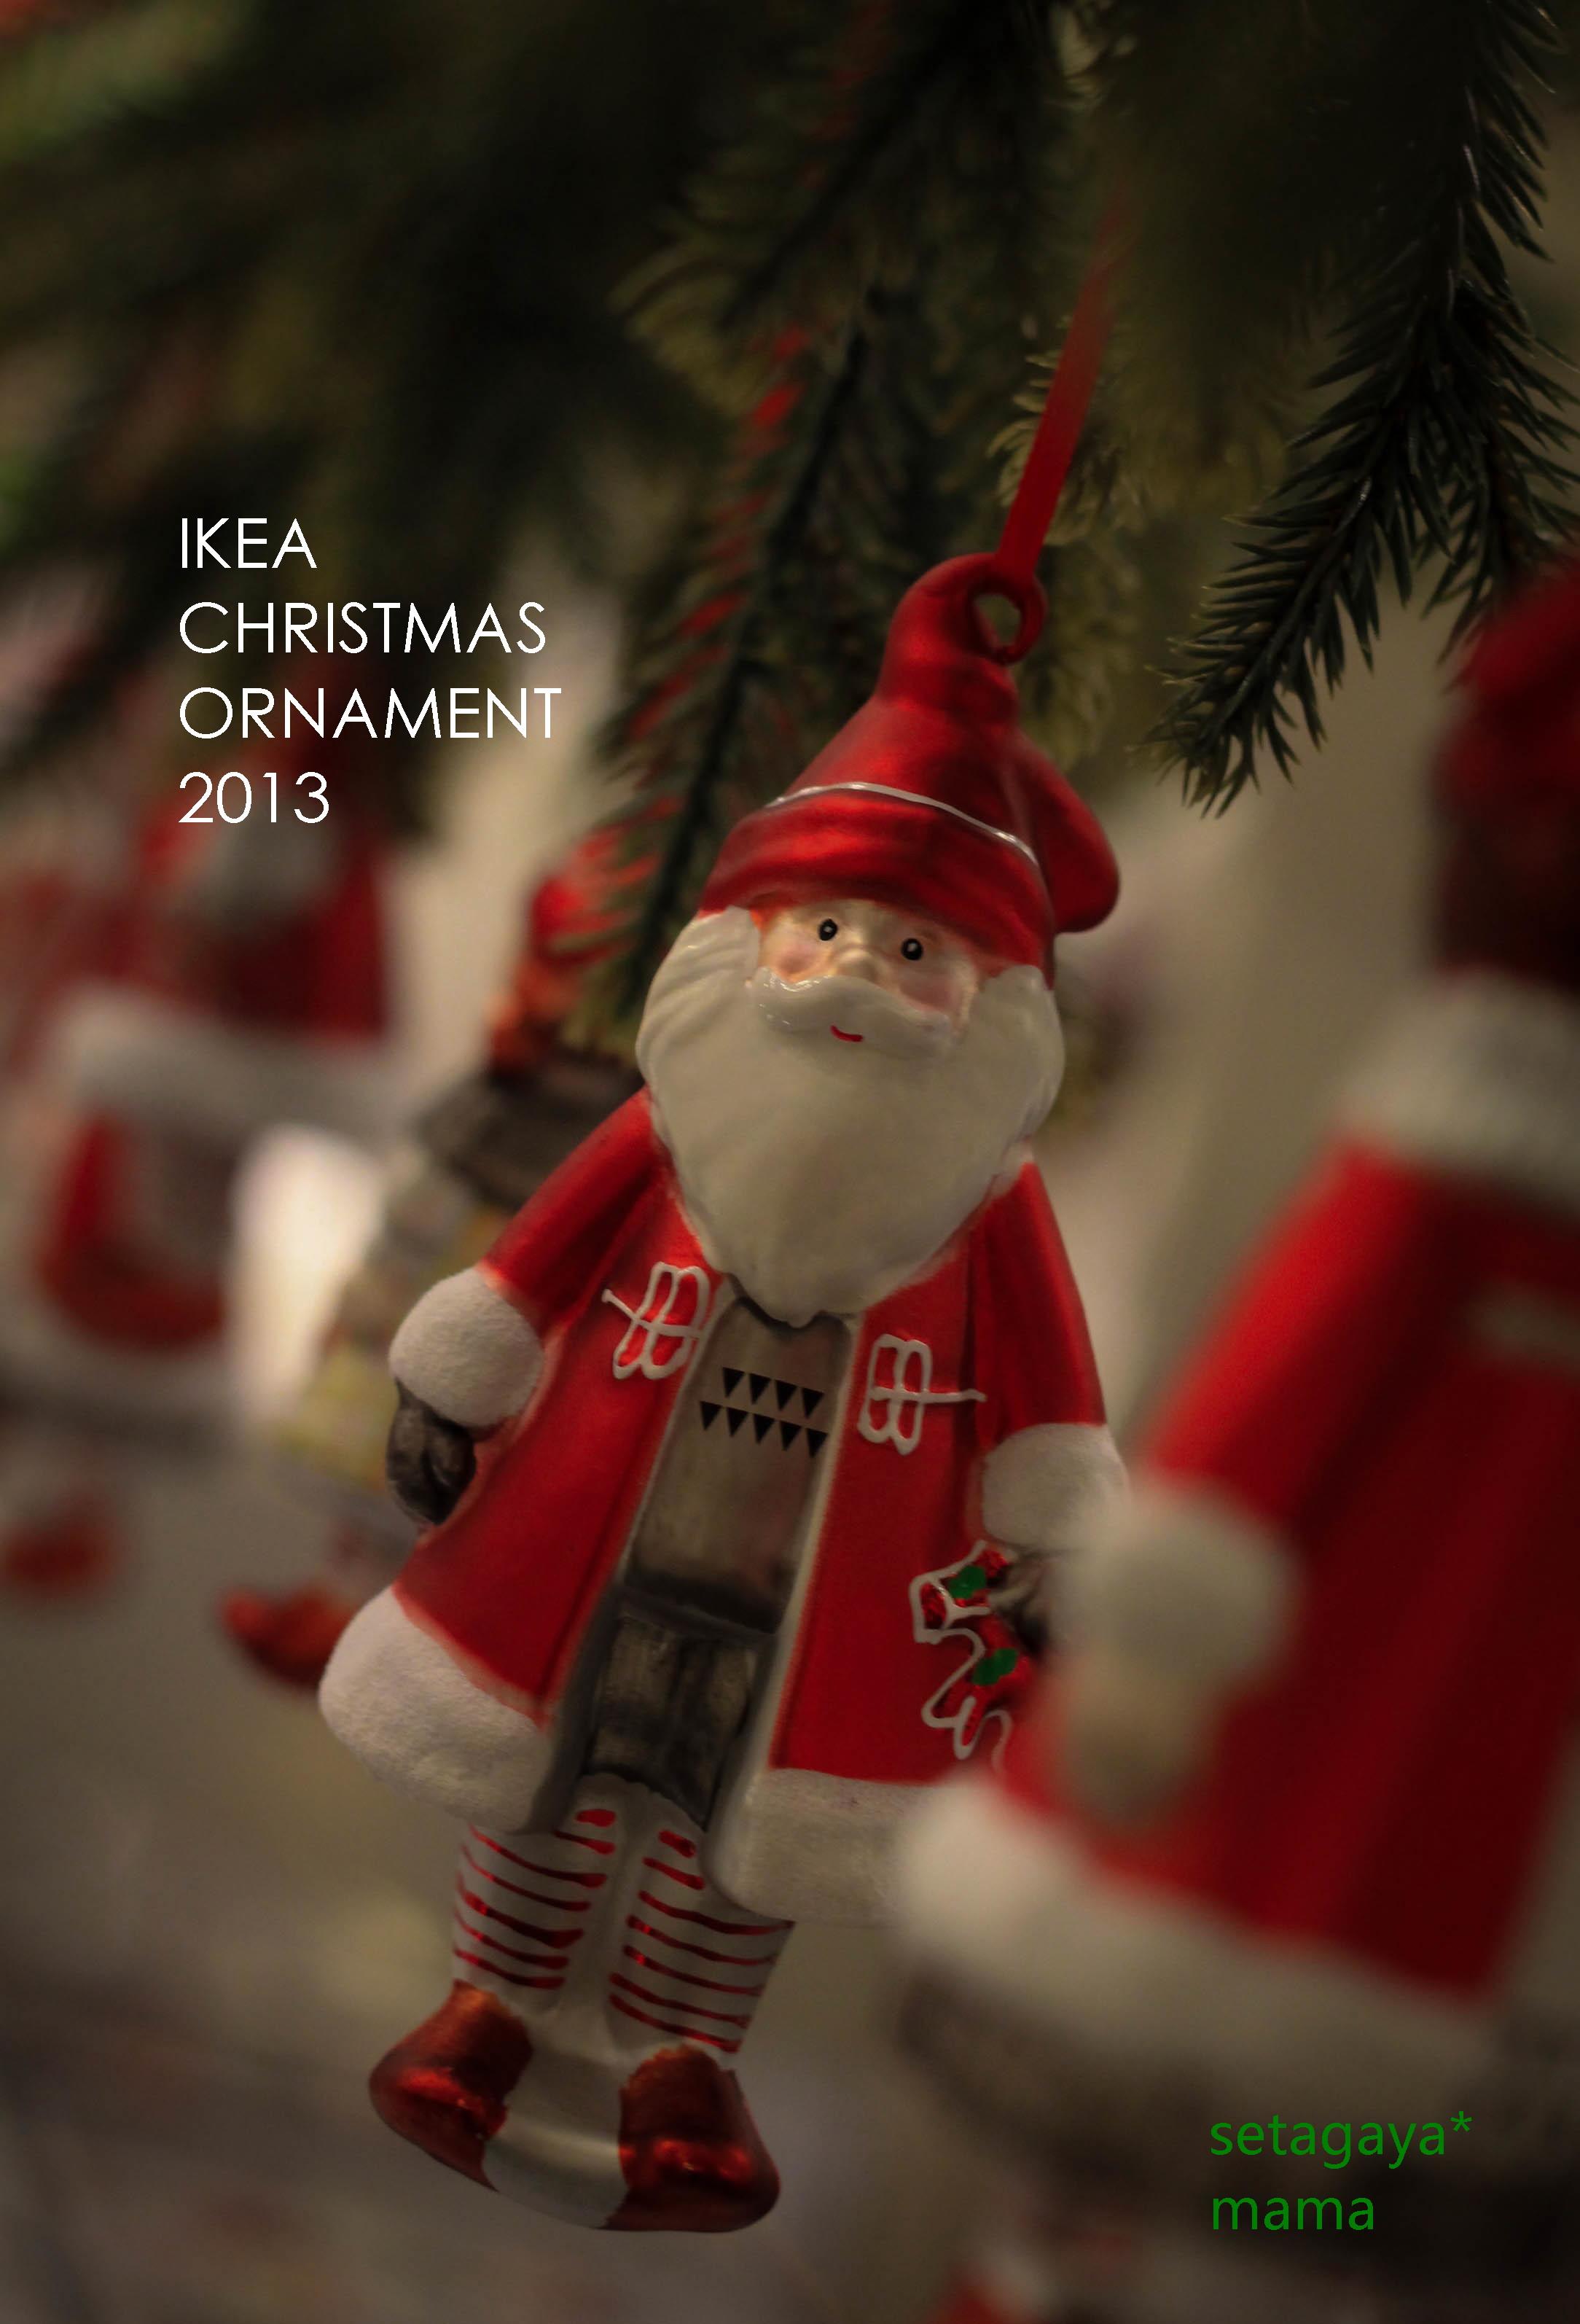 Ikea IMG_7296